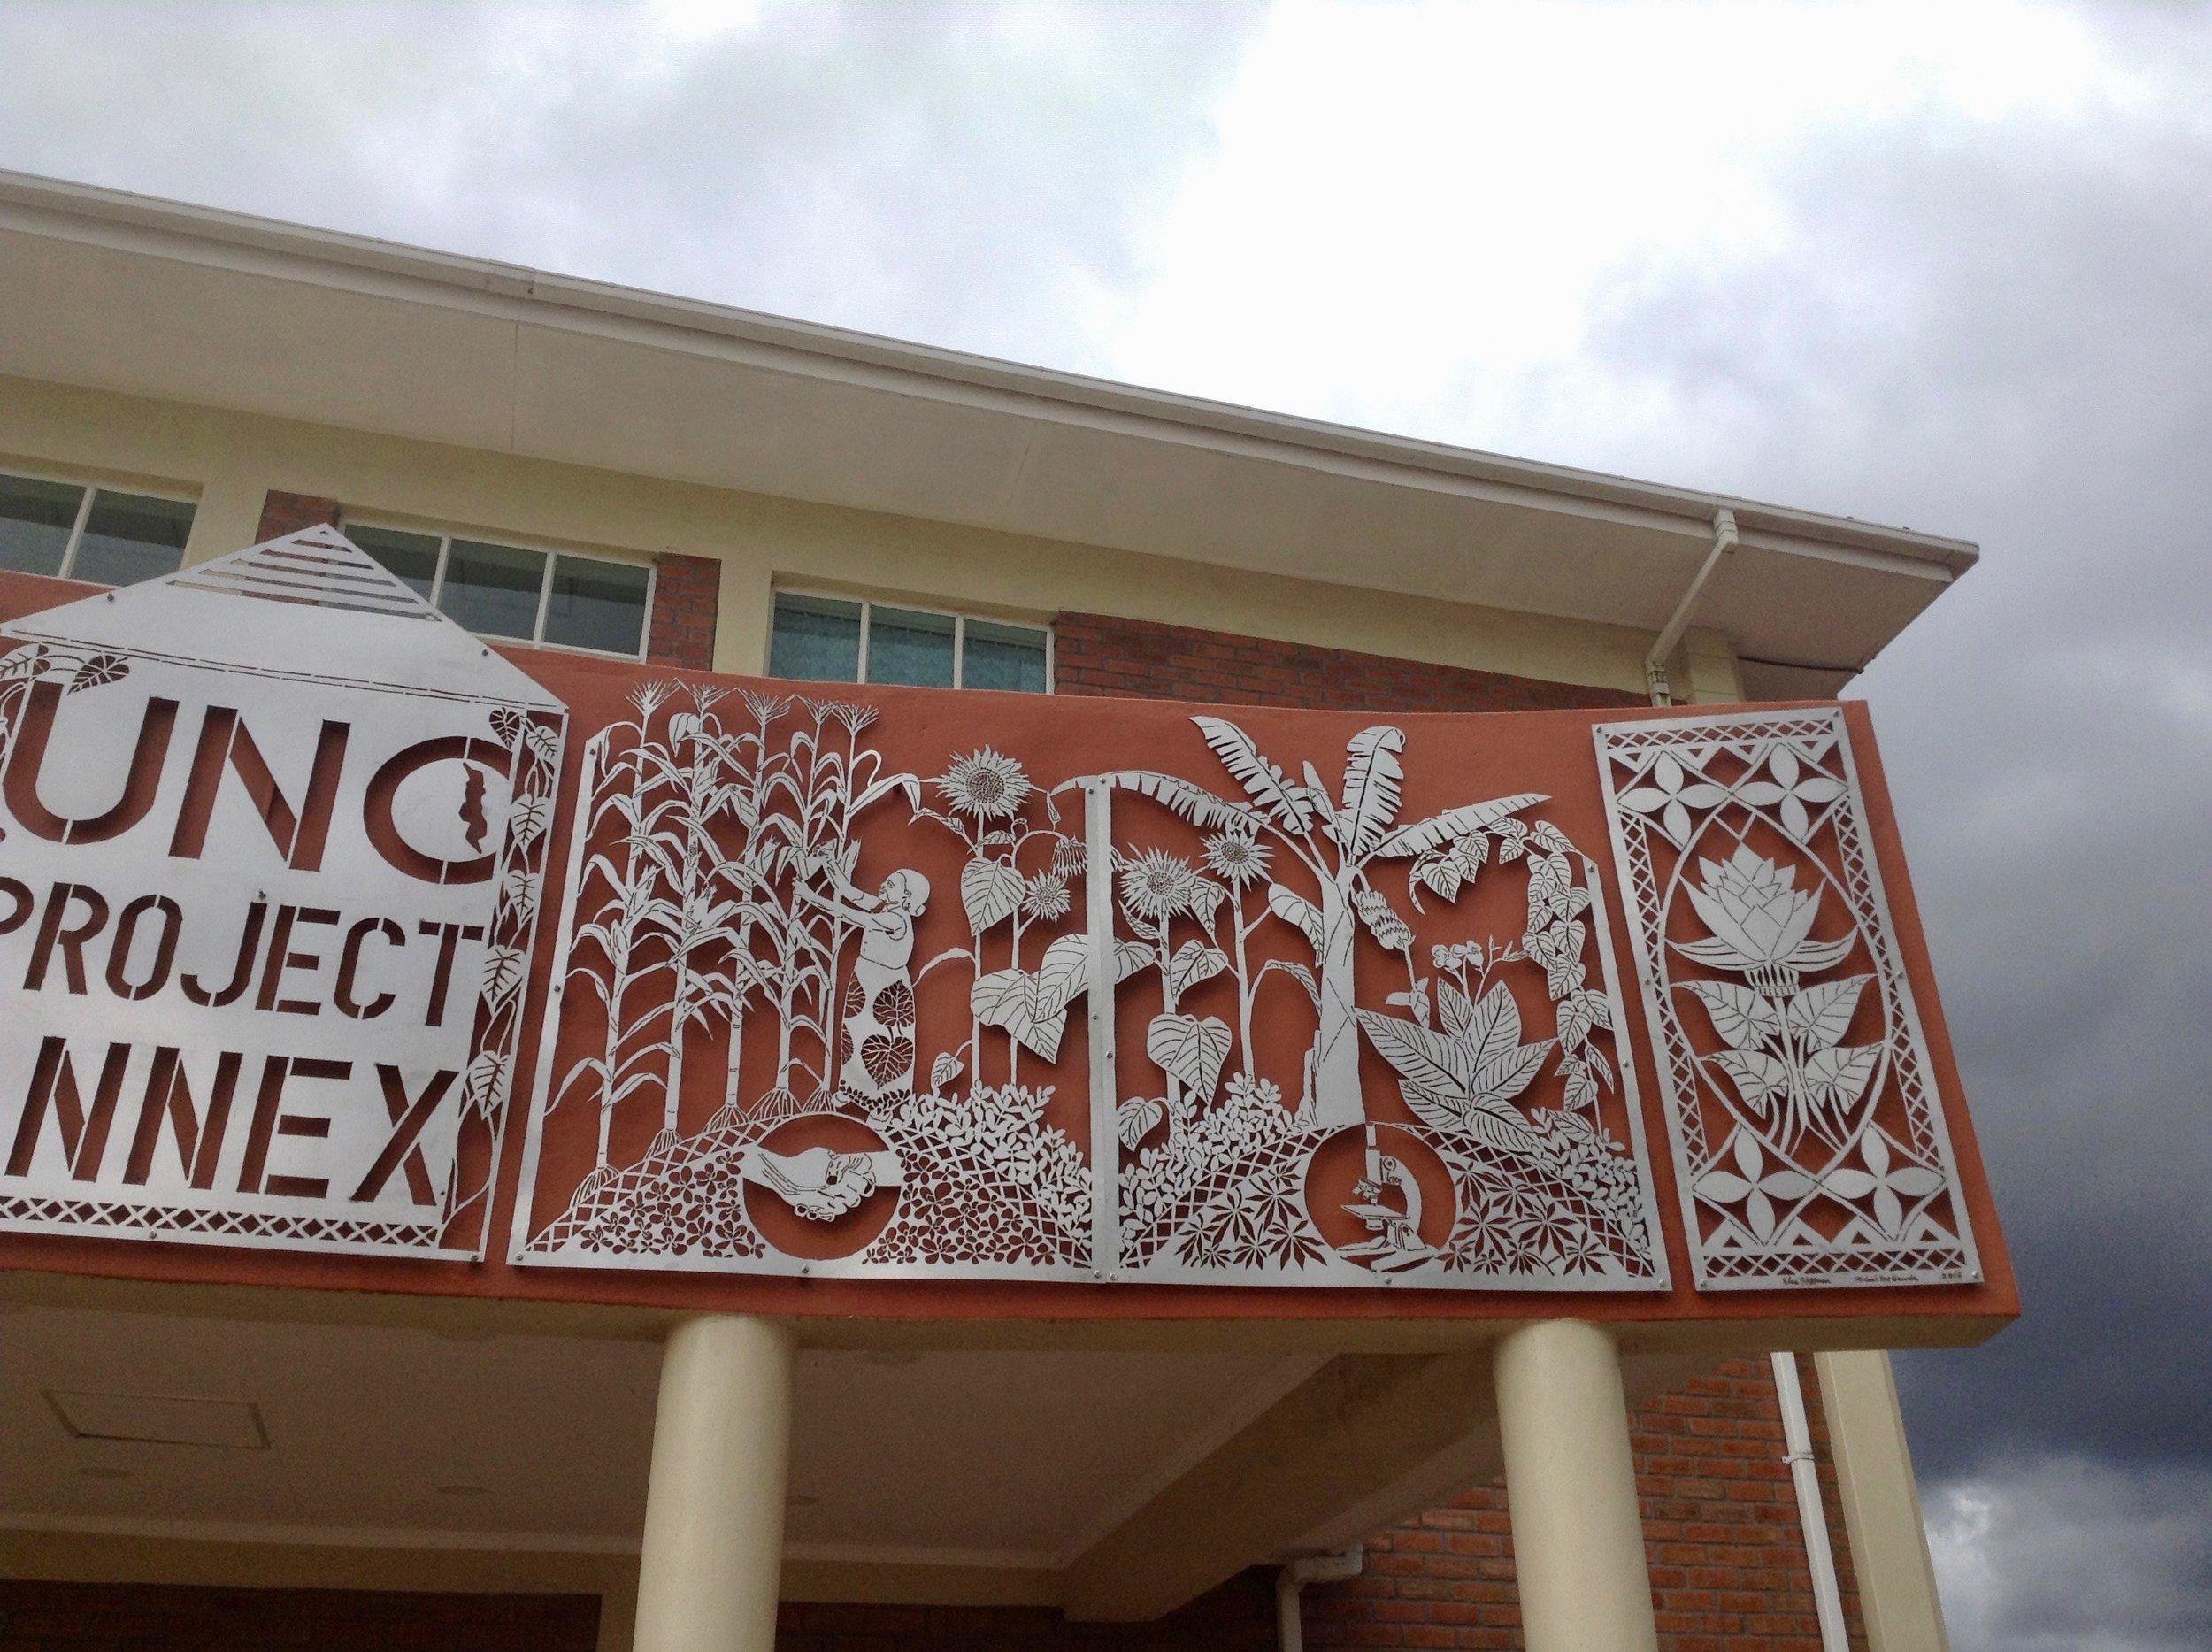 UNC Project Annex sign (detail)